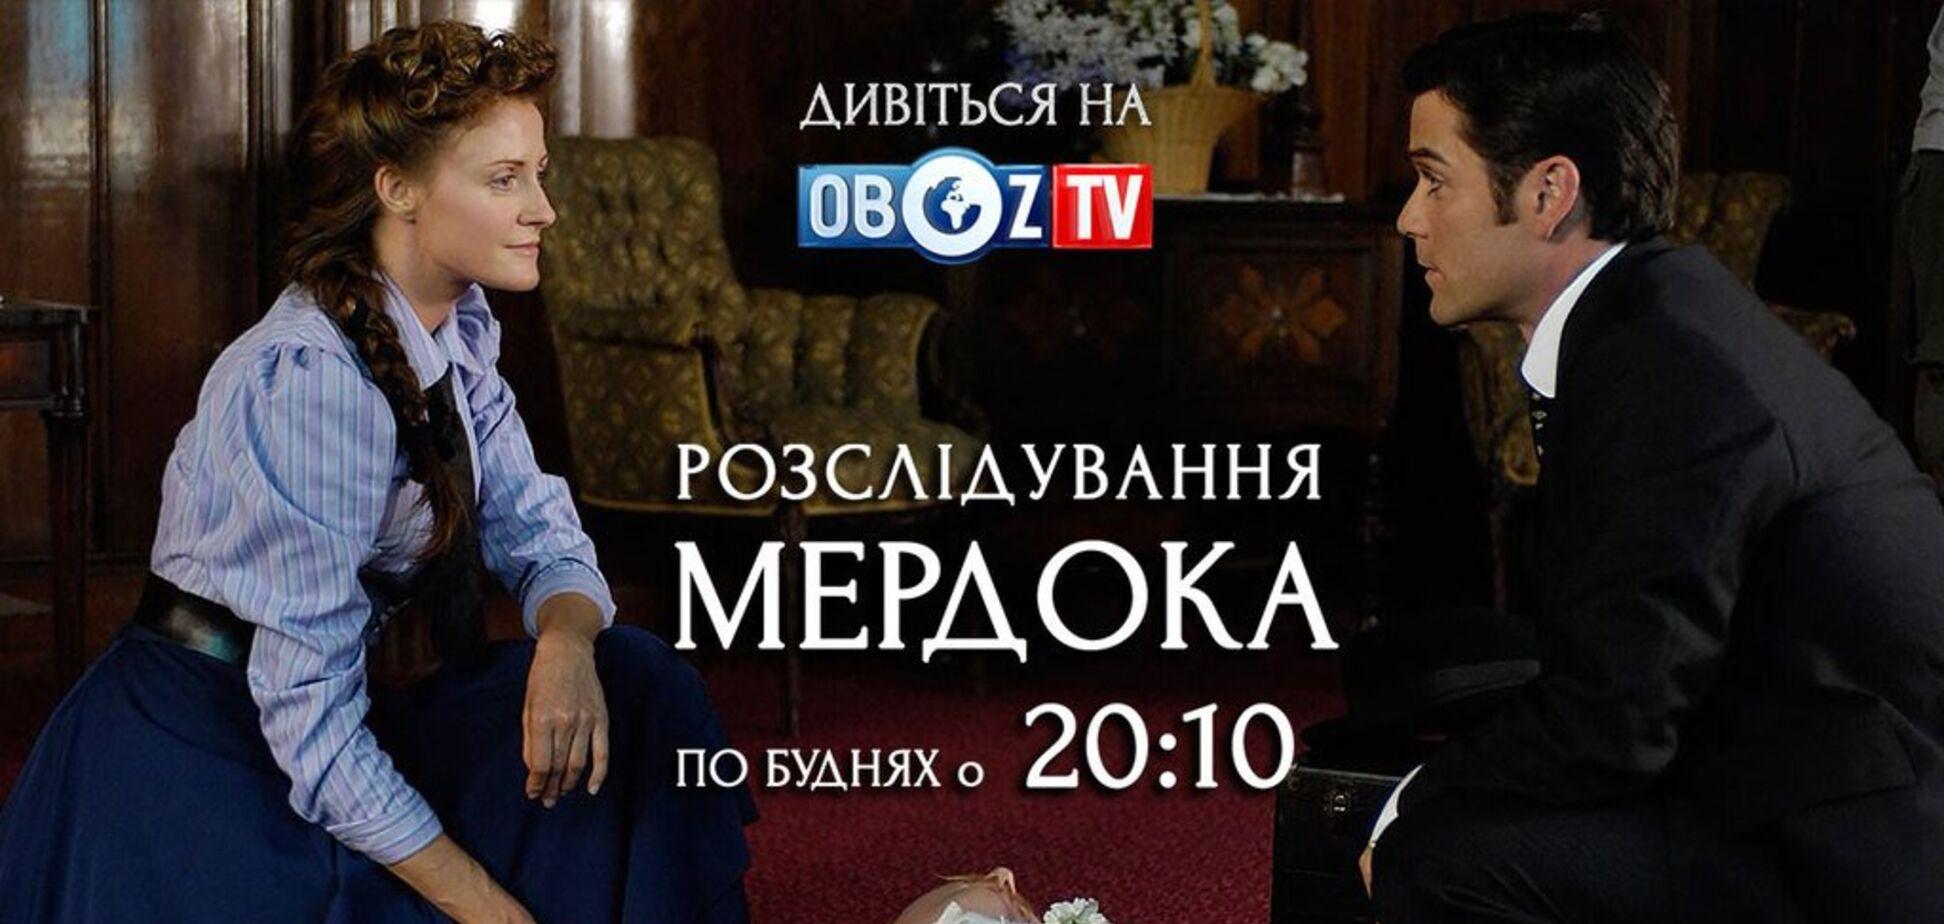 Дивіться на ObozTV серіал 'Розслідування Мердока' - серія 'Поки смерть не розлучить нас'